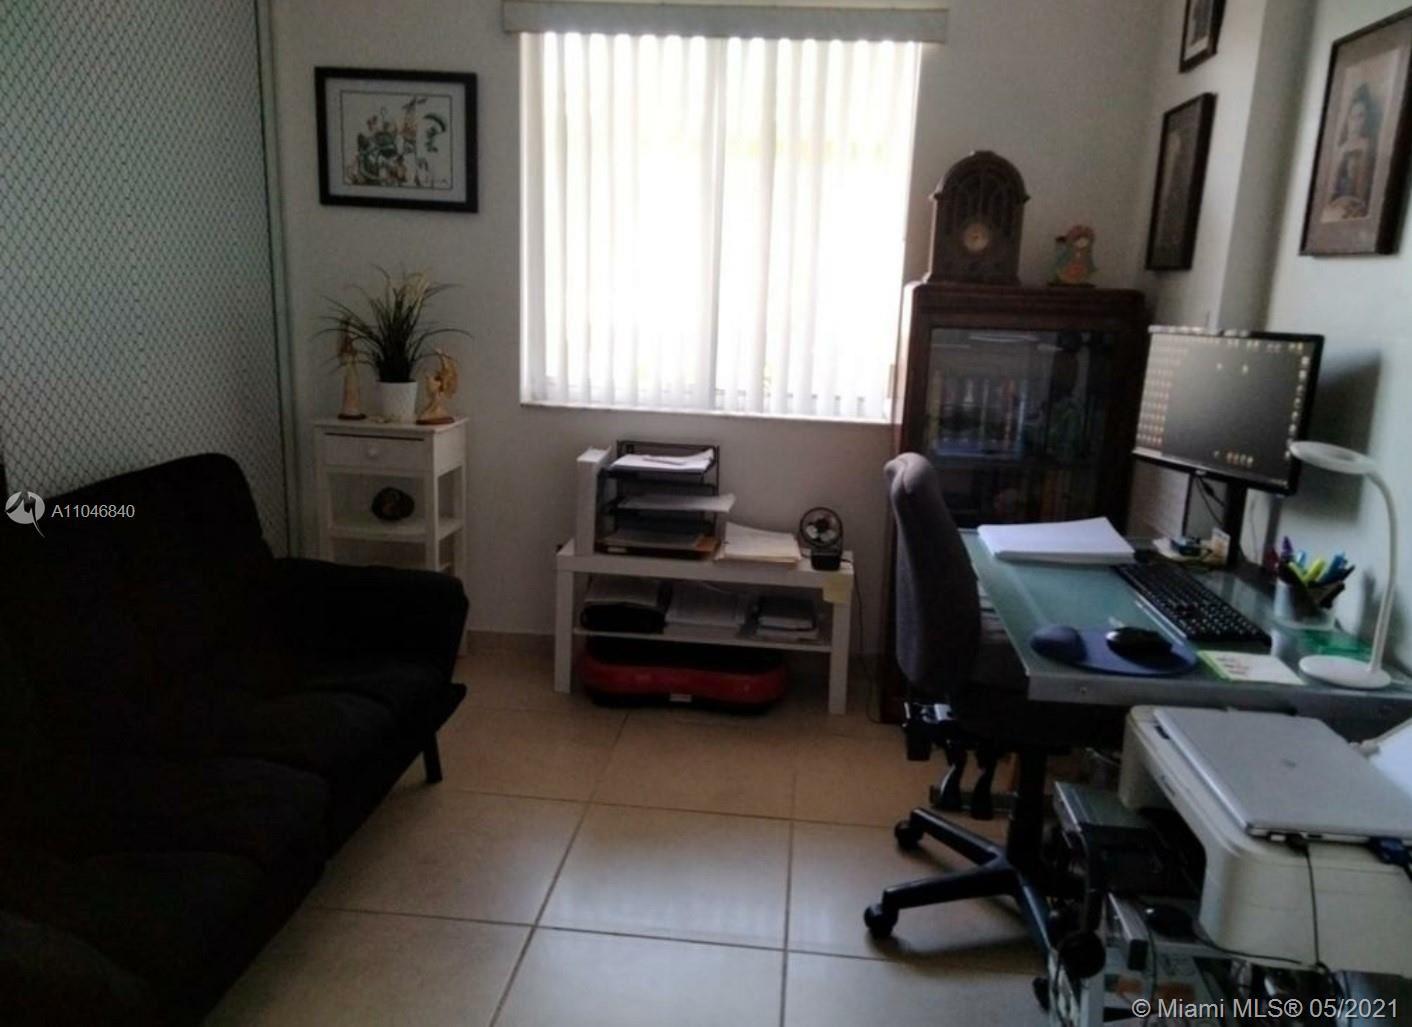 17000 NW 67th Ave #422, Hialeah, FL 33015 - #: A11046840